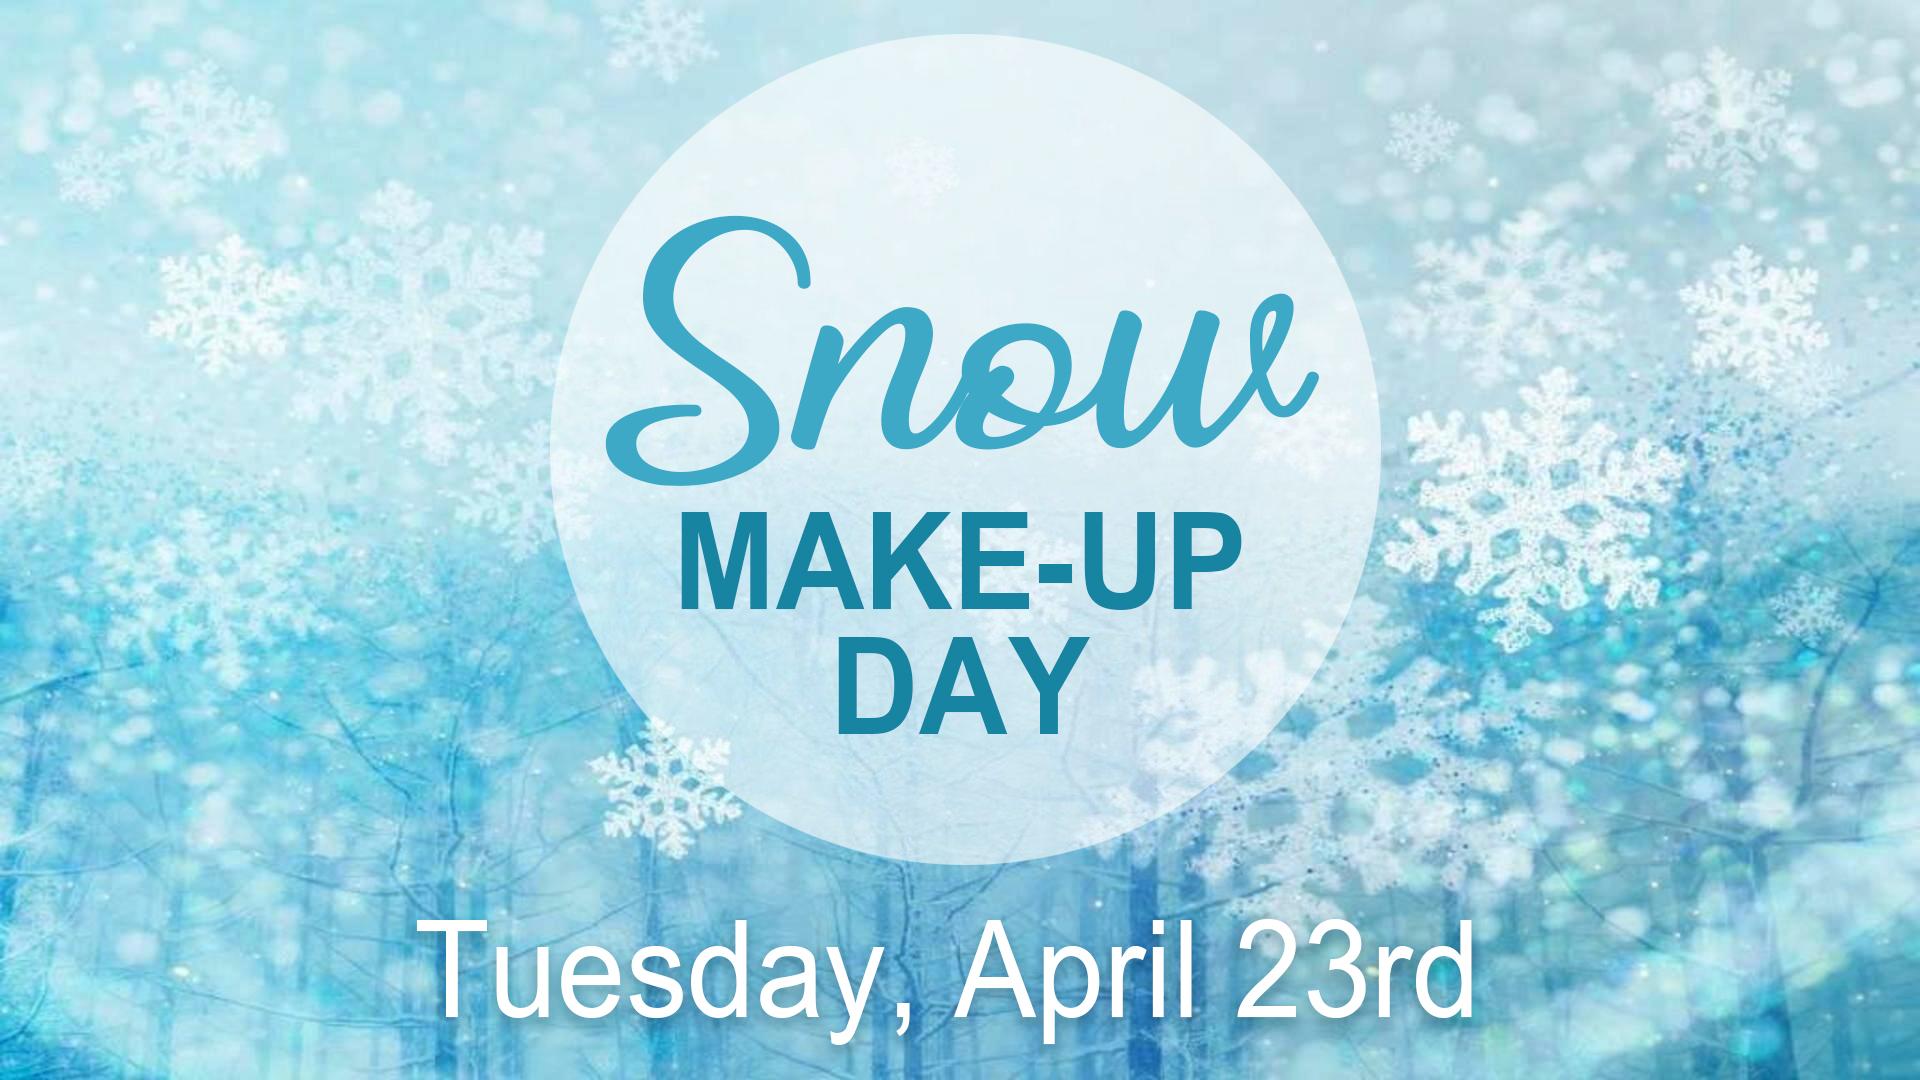 snow makeup day 42319.jpg